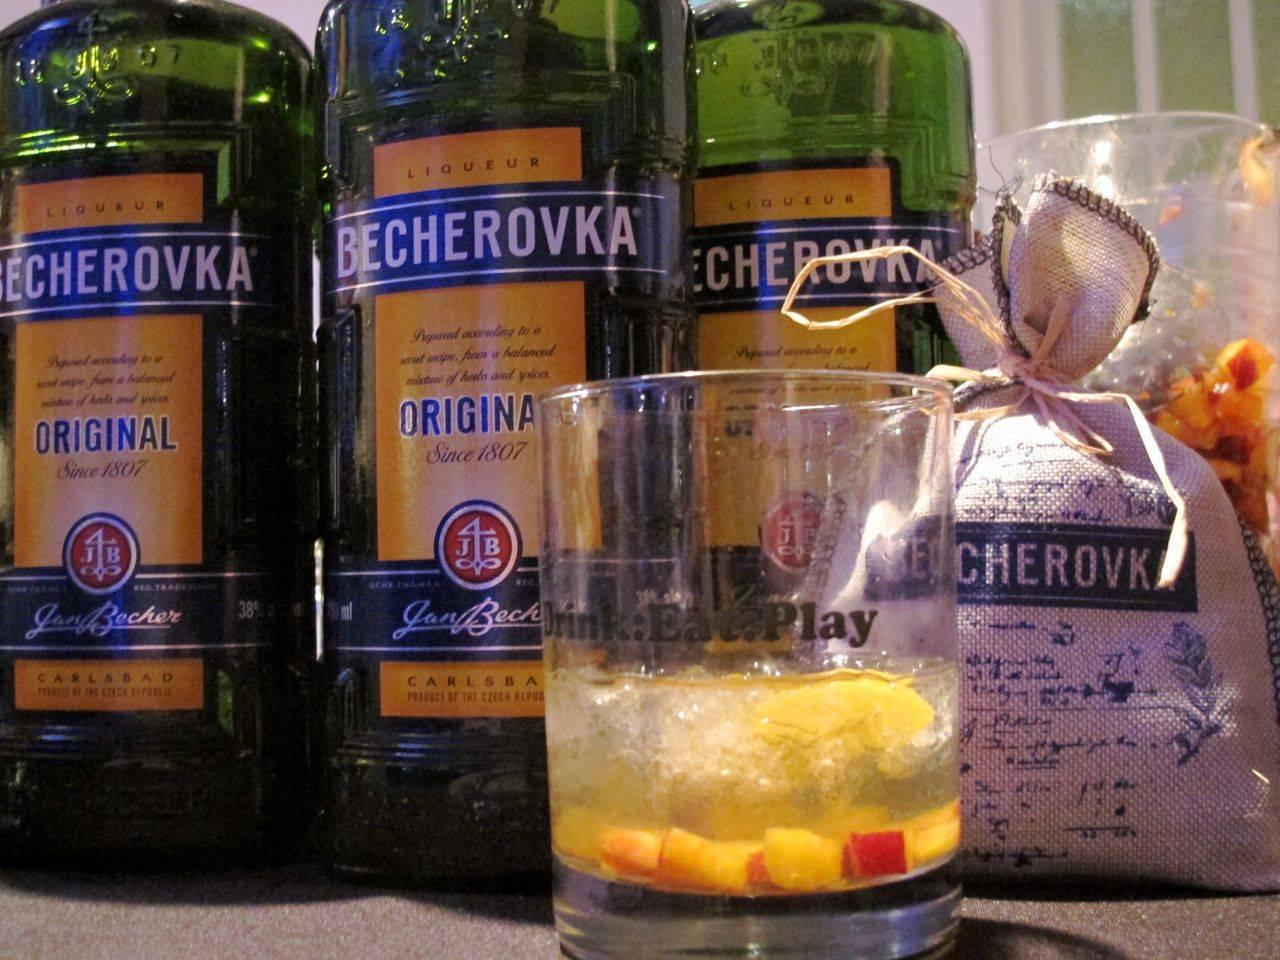 Ликер бехеровка: рецепт, состав и культура употребления